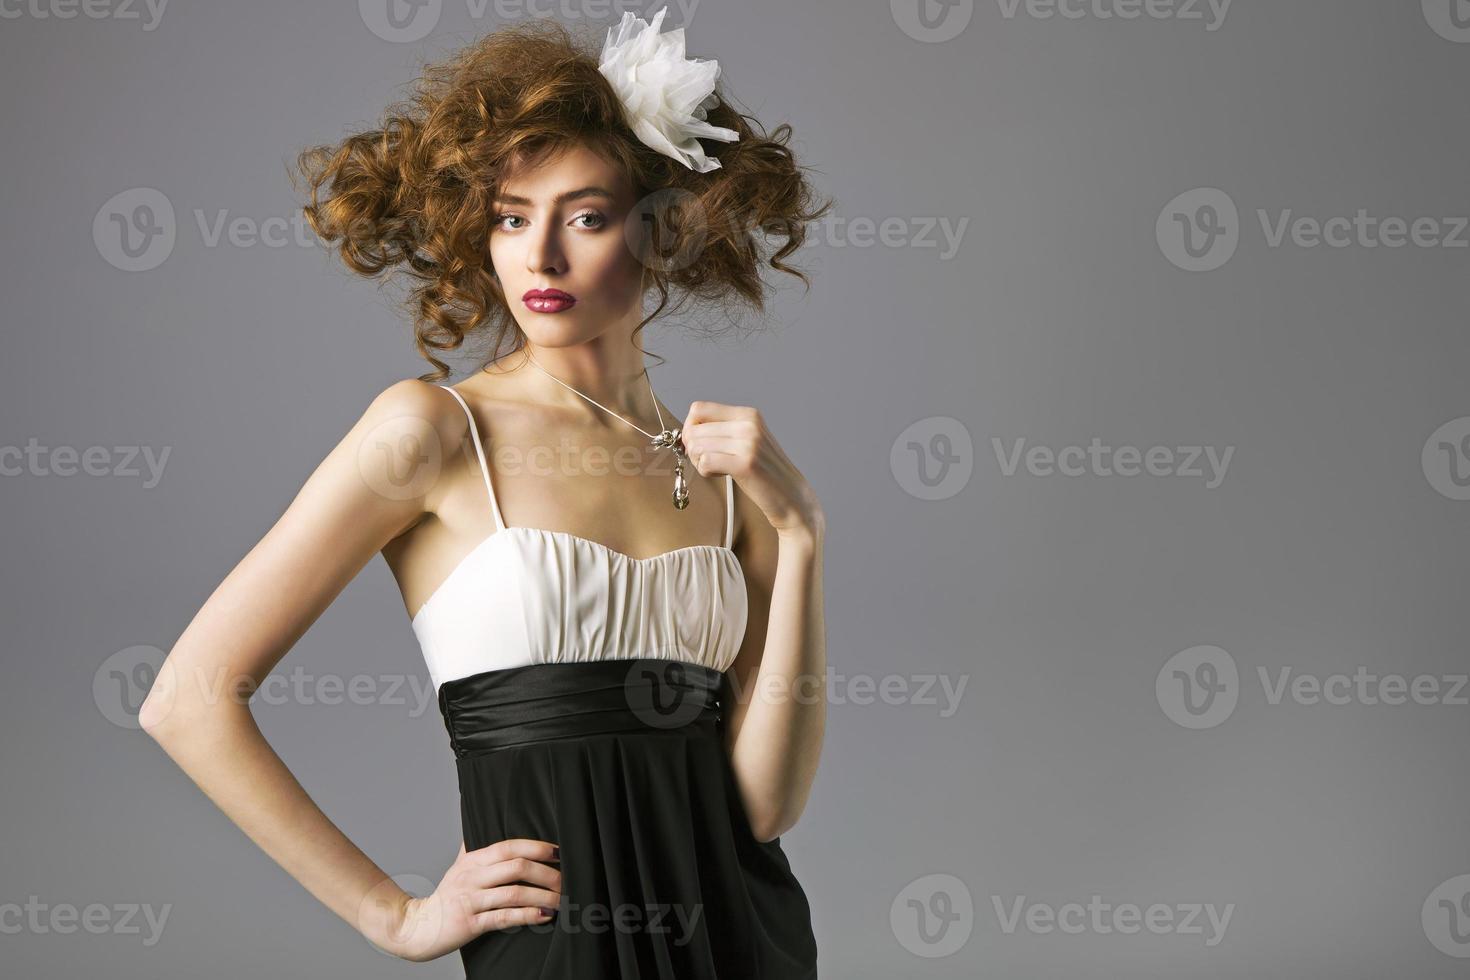 belle femme avec de longs cheveux bruns en bonne santé et un maquillage frais photo